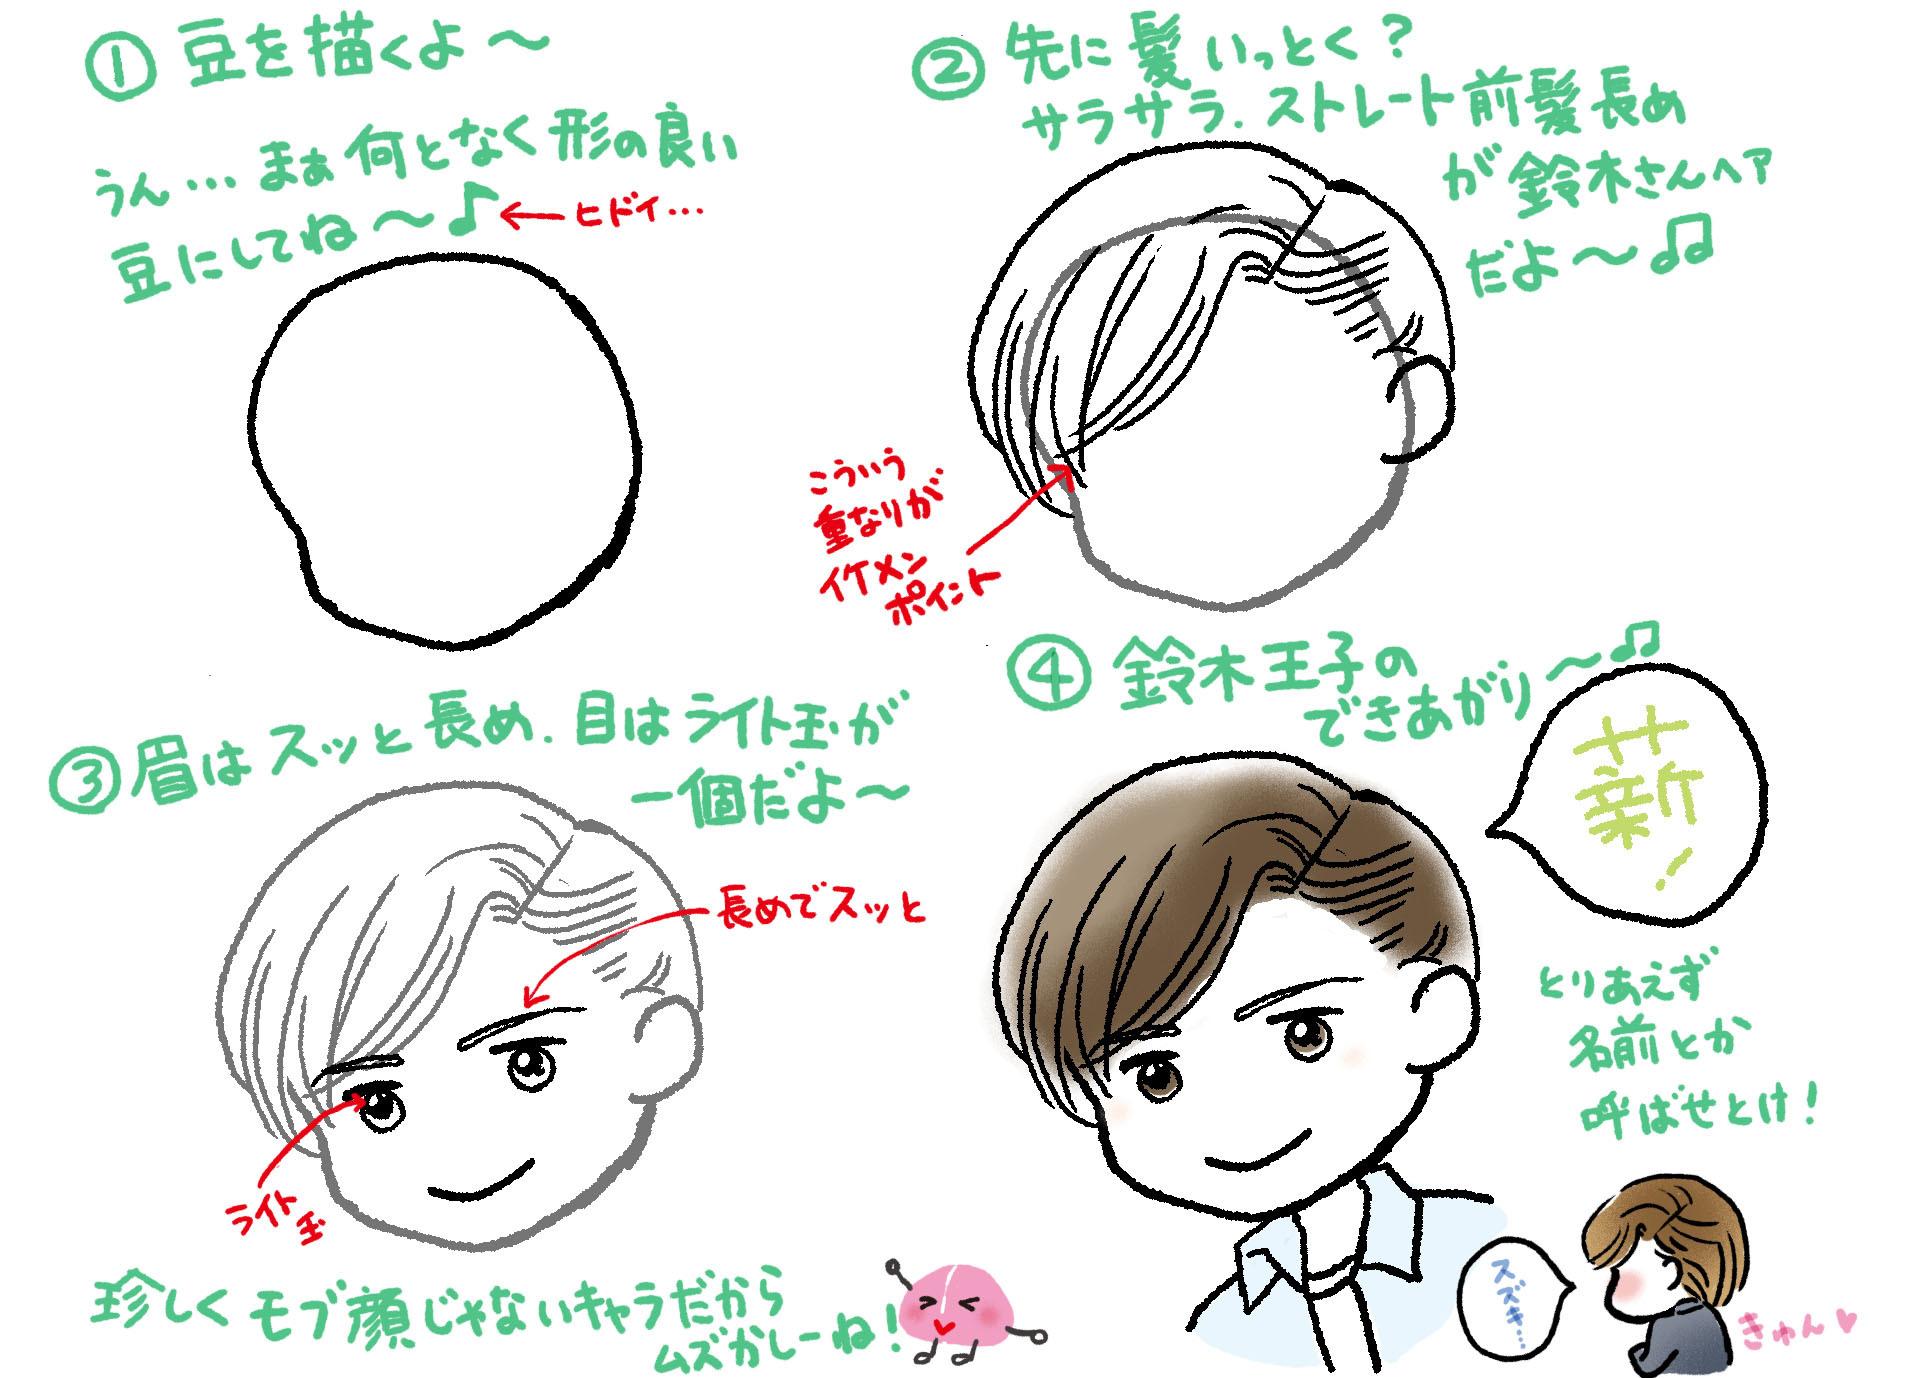 鈴木さんの描き方